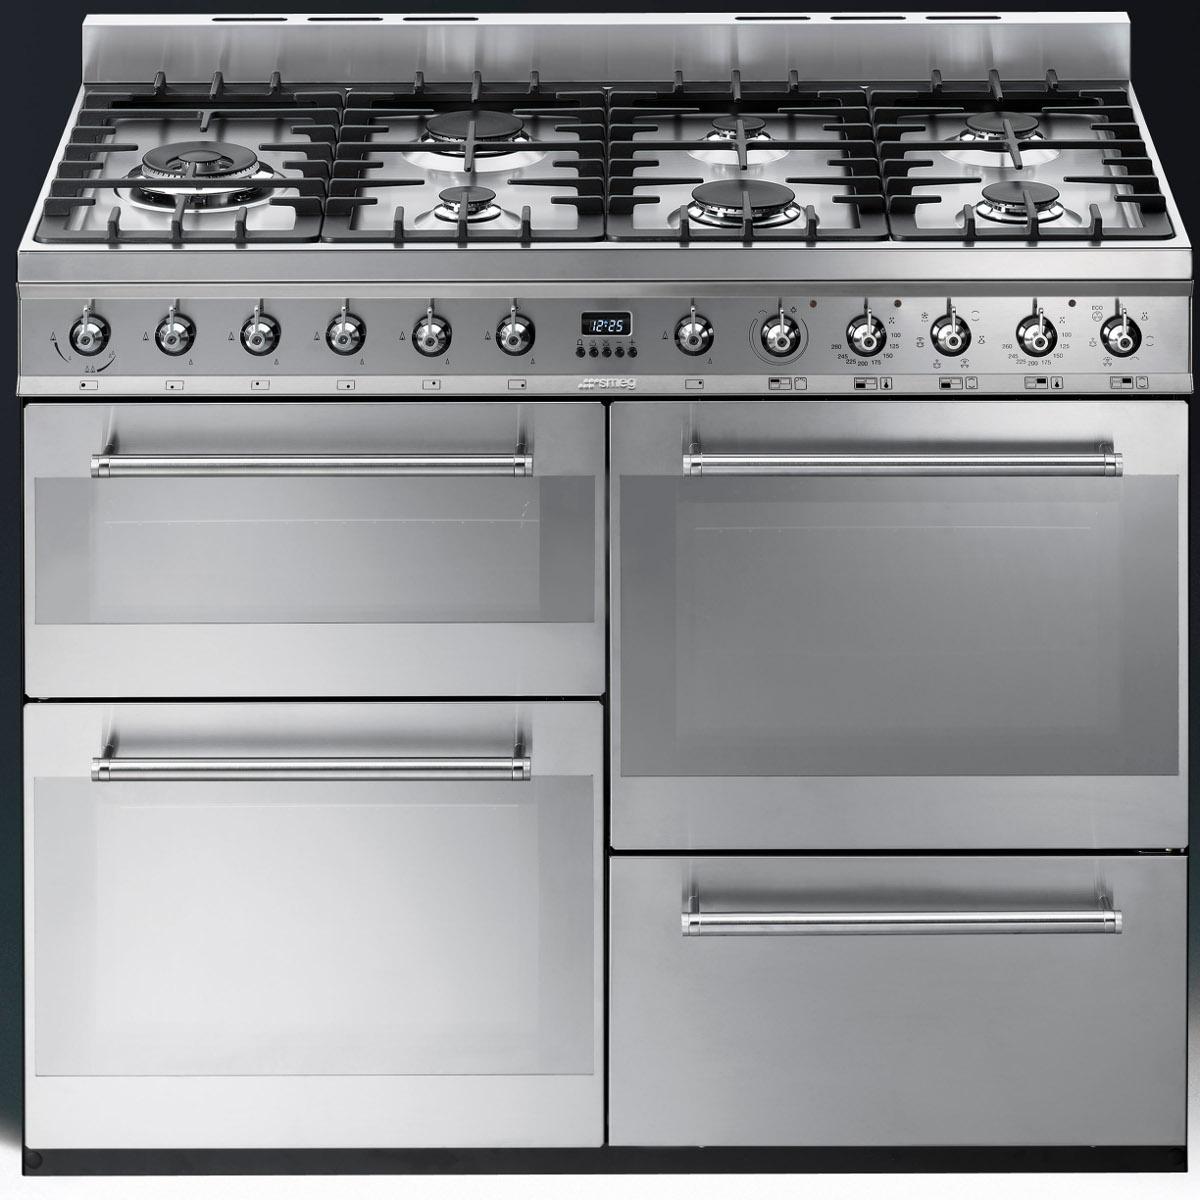 smeg syd4110 symphony 110cm dual fuel range cooker. Black Bedroom Furniture Sets. Home Design Ideas